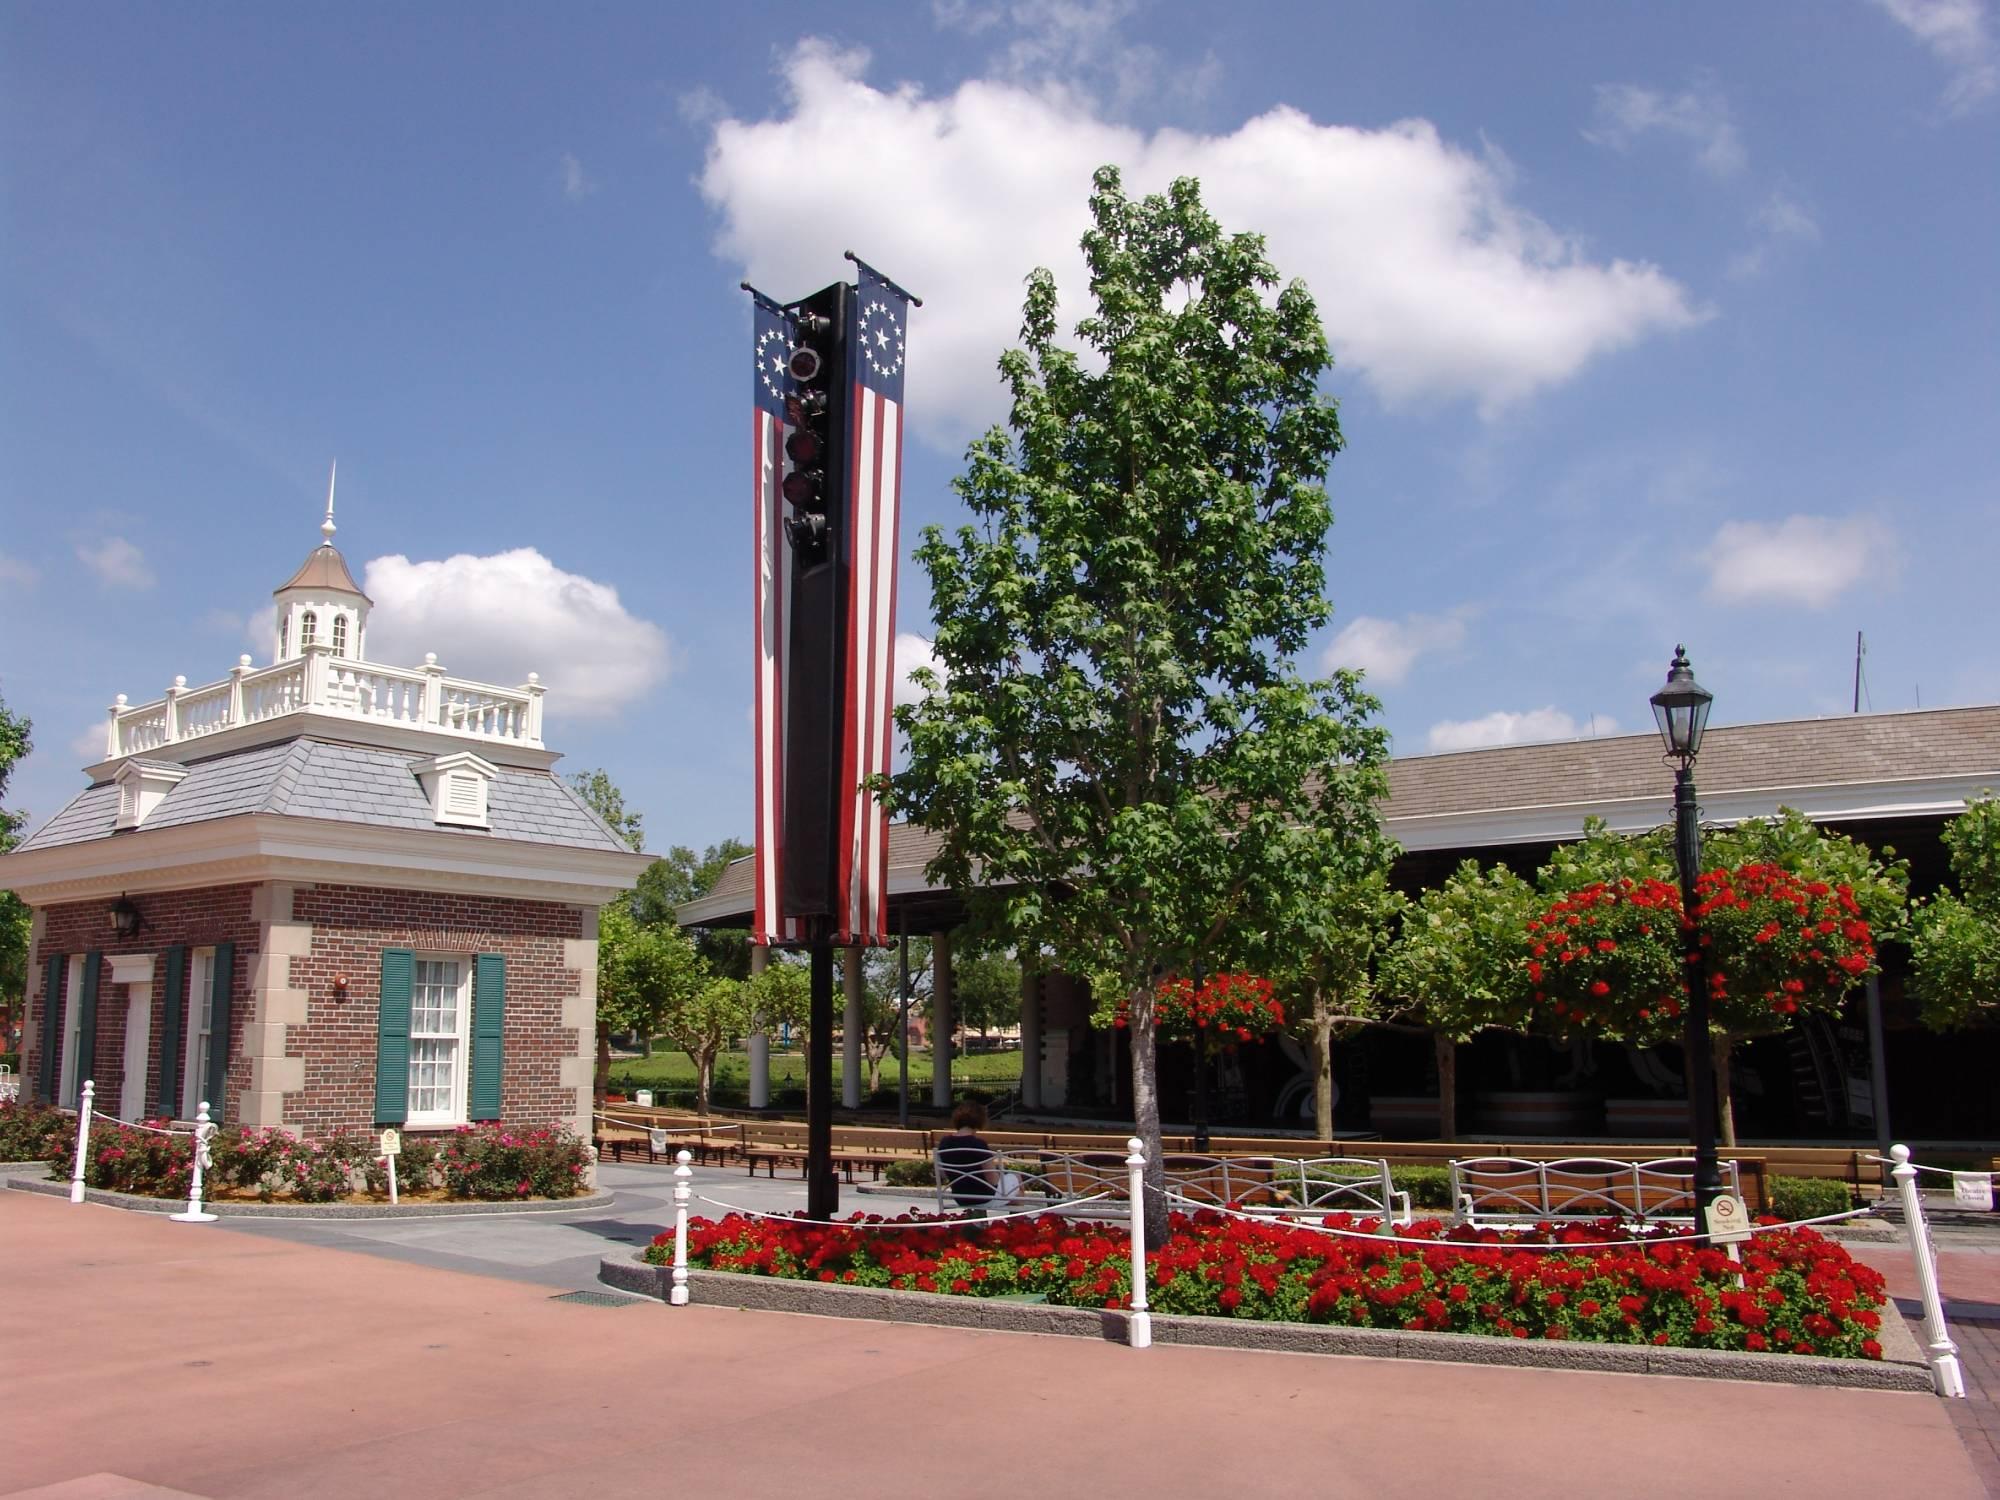 Epcot - American Gardens Theatre